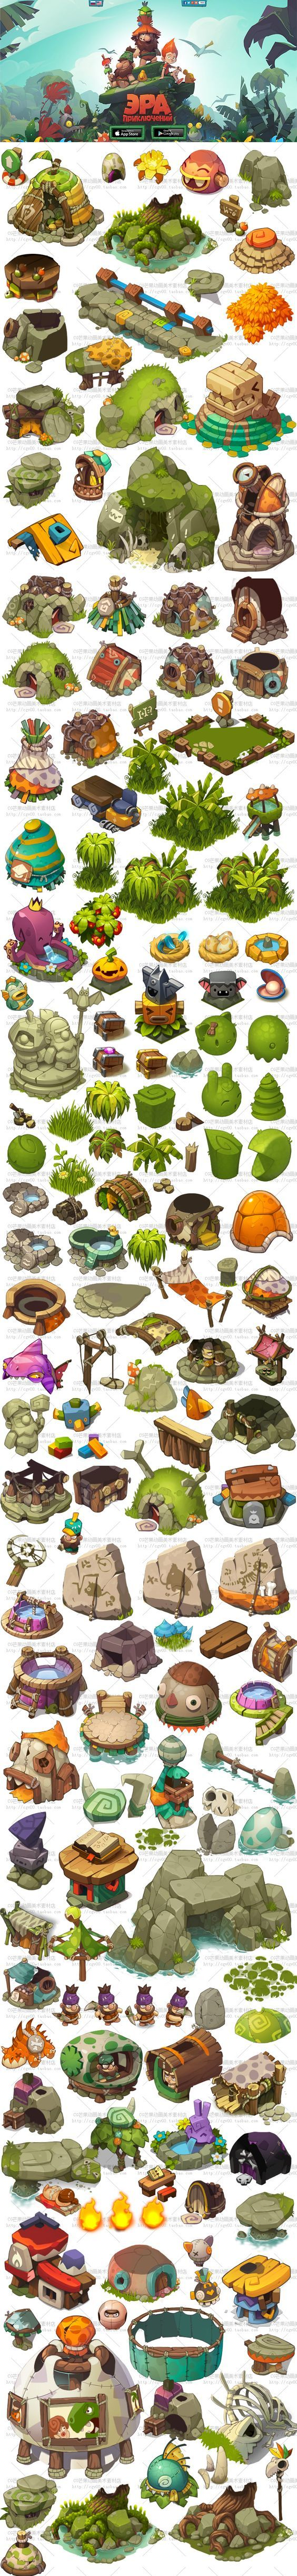 【游戏美术素材】俄罗斯手游《石器大冒险》可爱Q版UI素材/场景元素/房屋/地表: